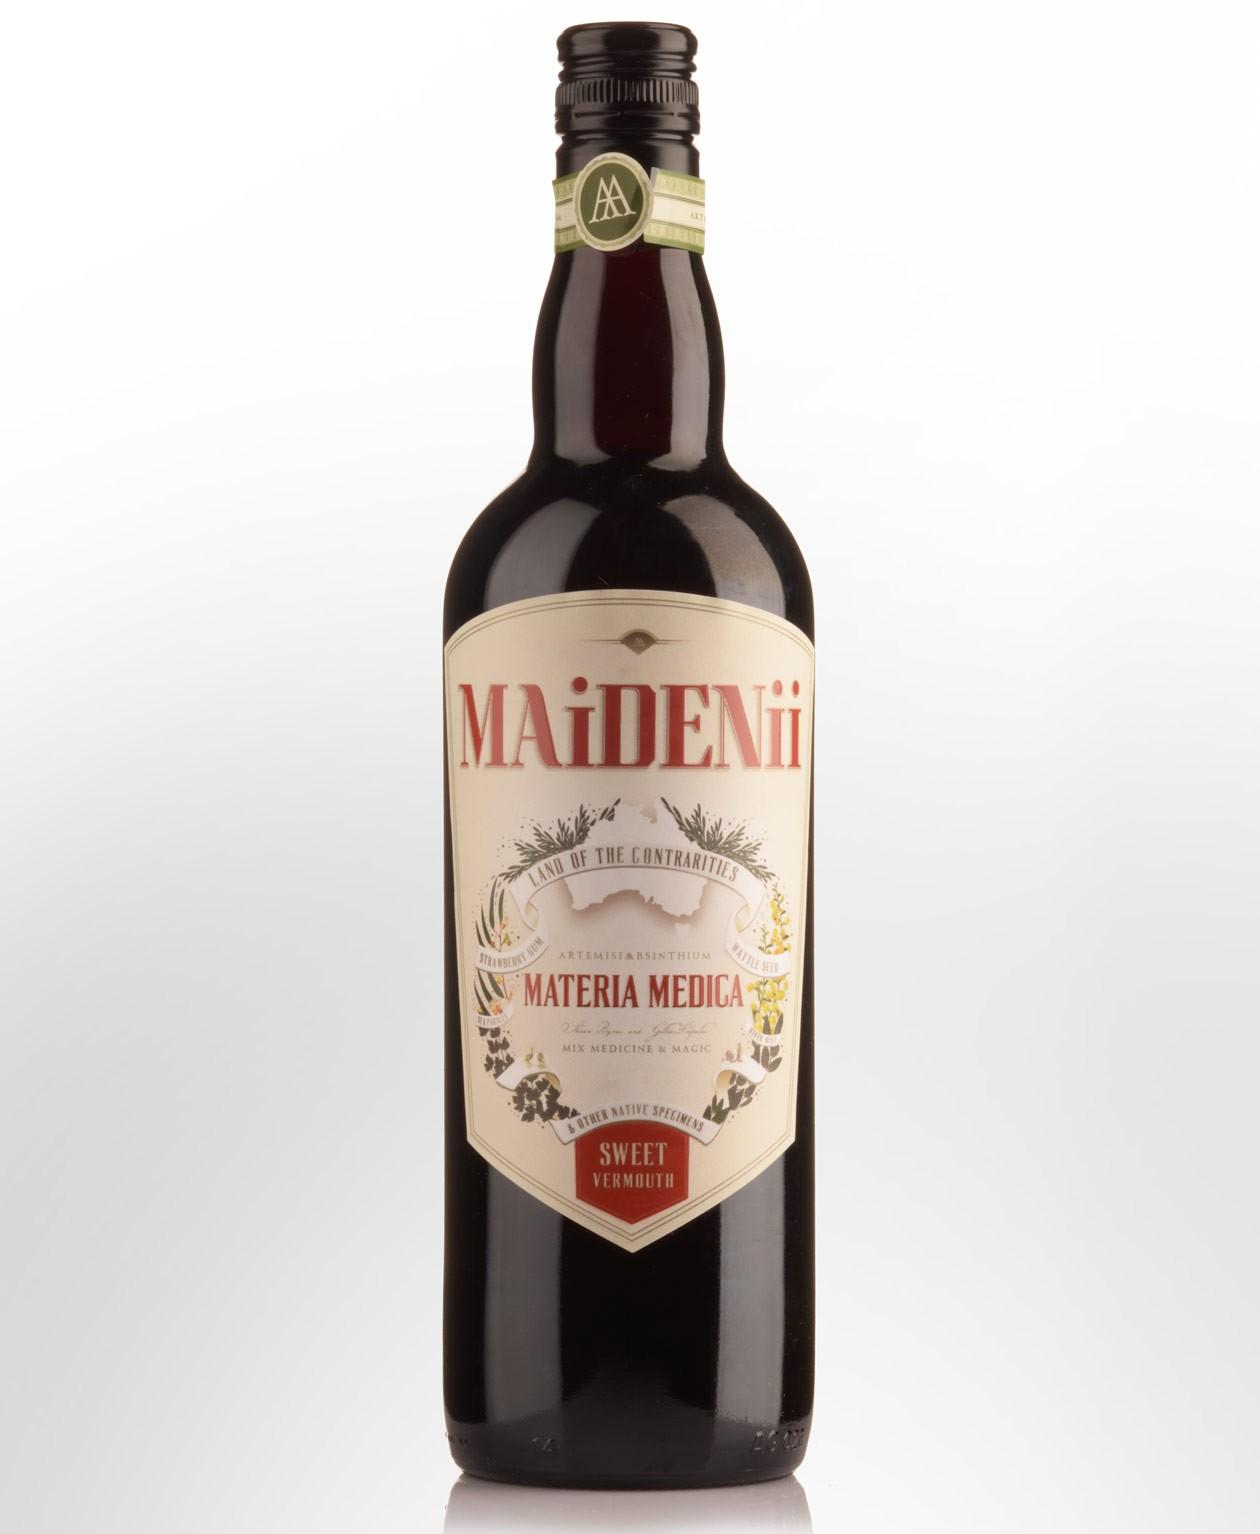 maidenii-sweet-vermouth1